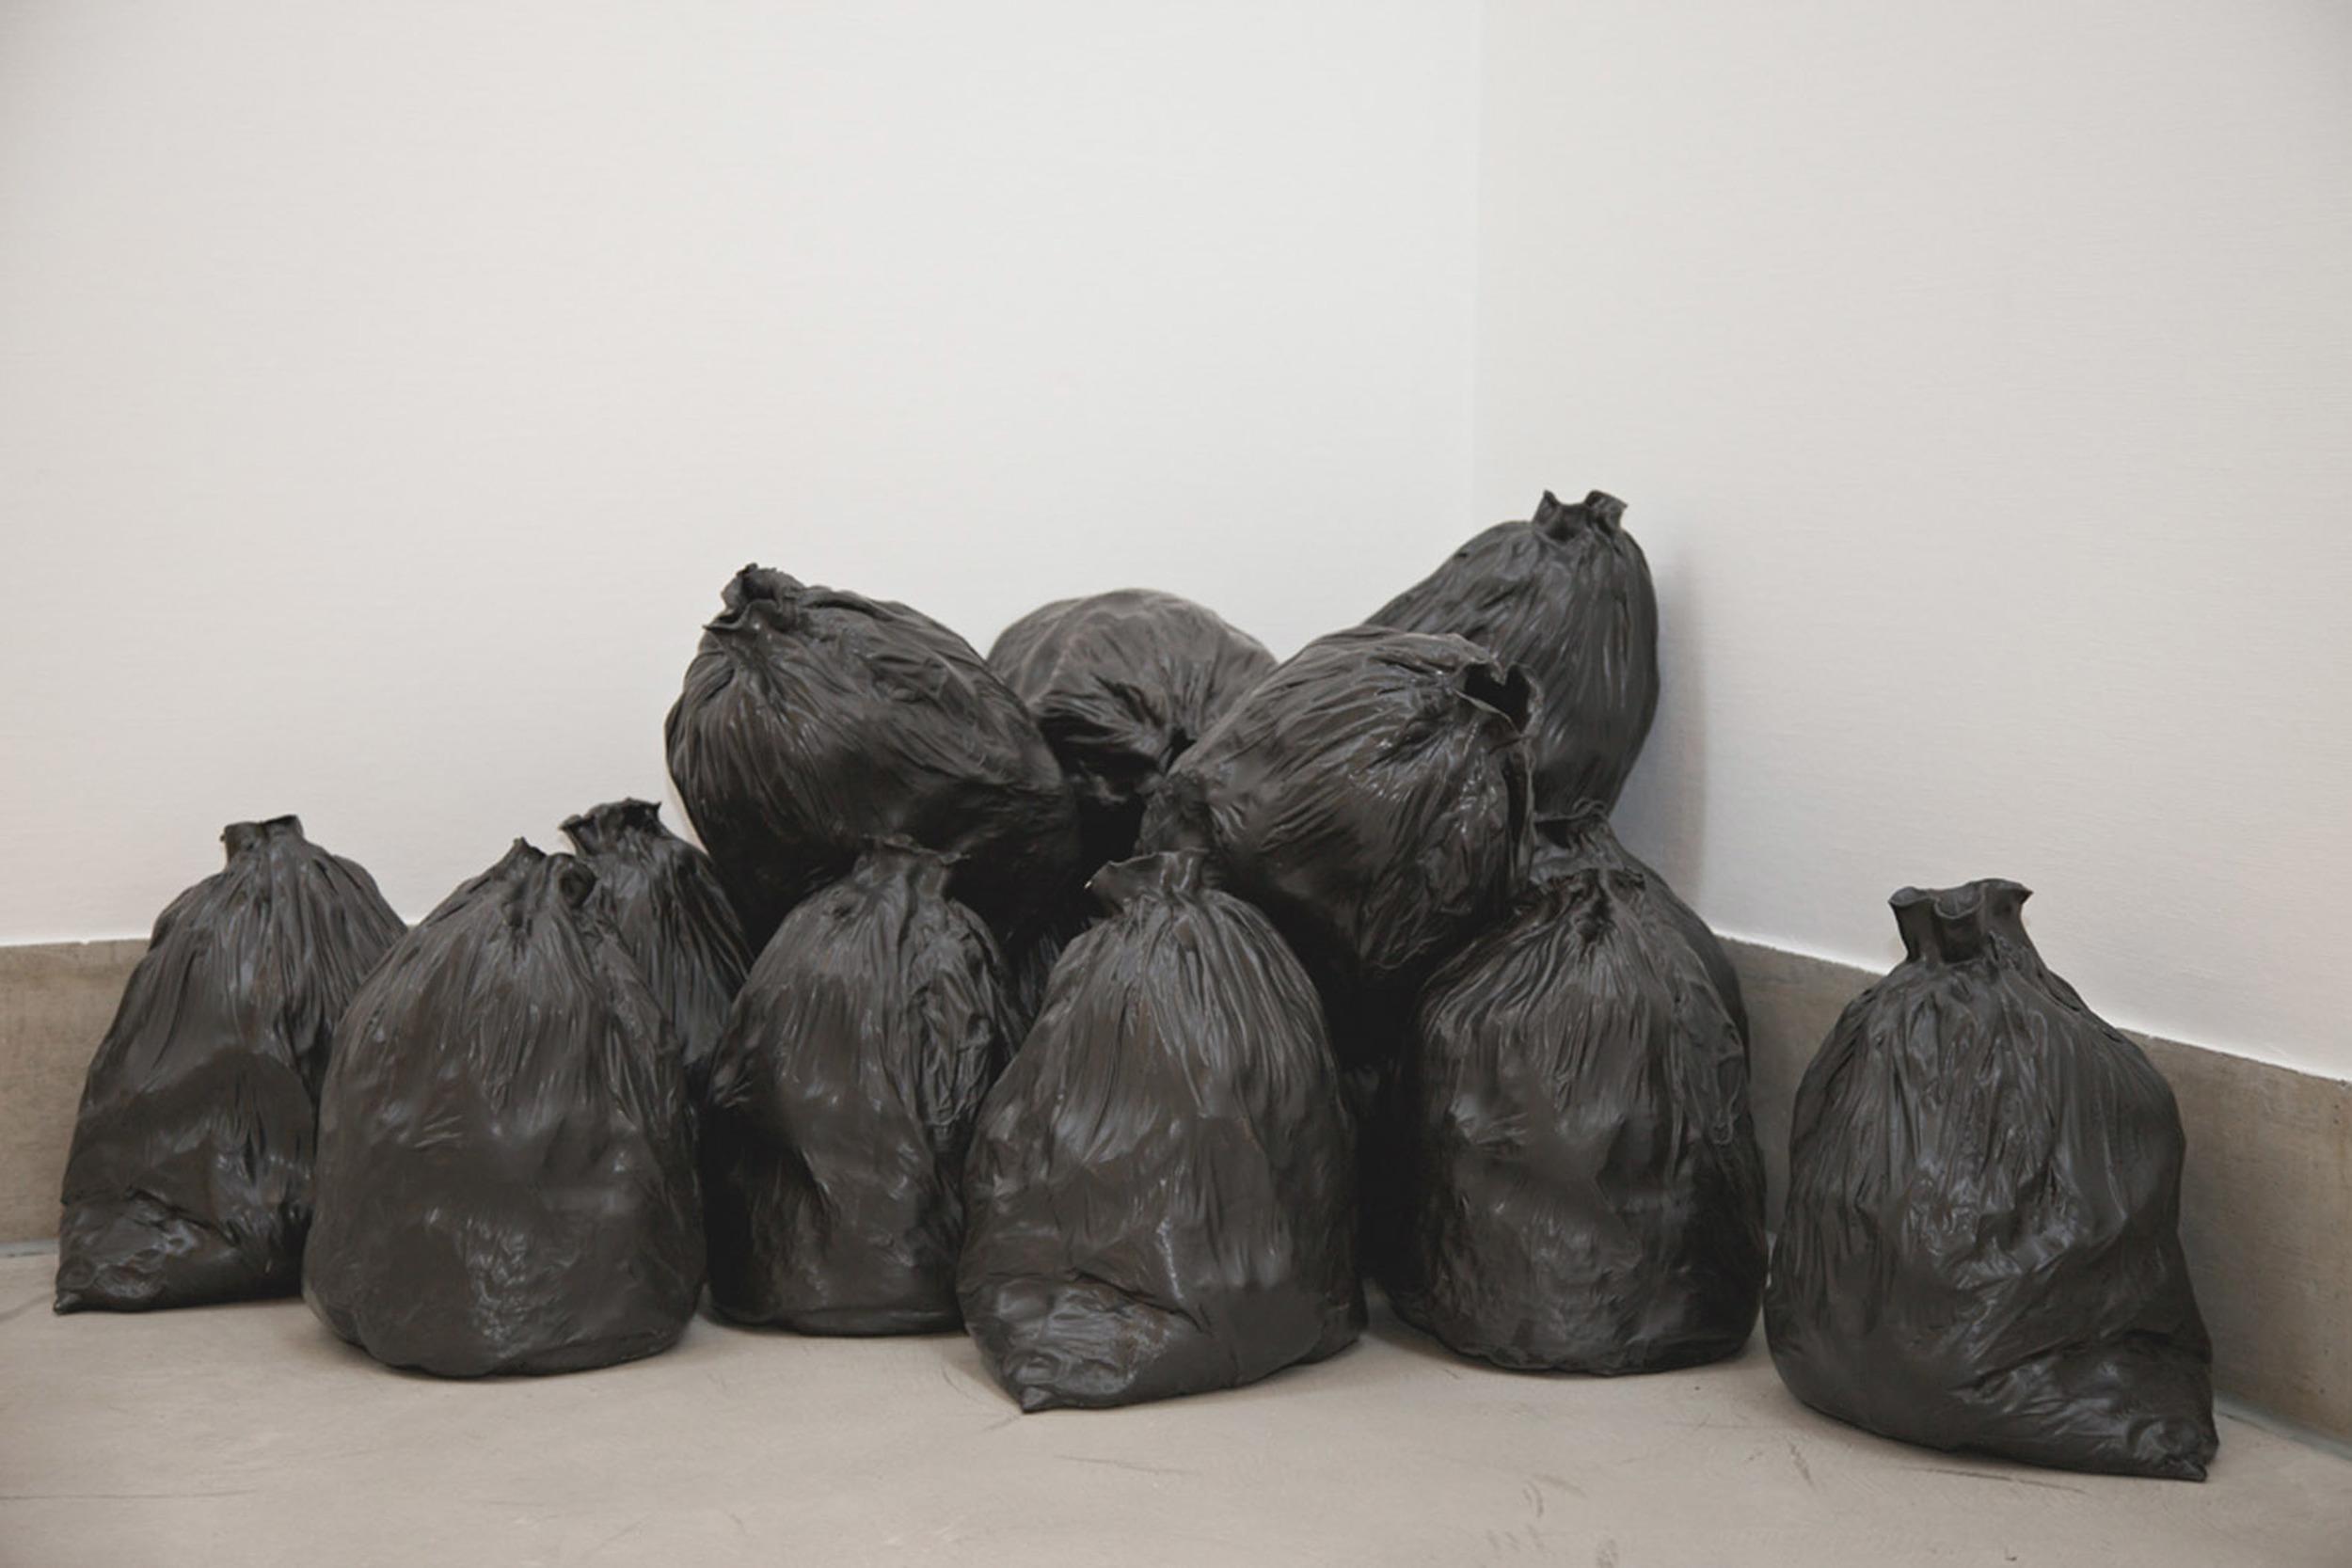 """Maude Schneider, """"Garbage"""", grès de coulage engobé/émaillé, 160 x 110 x 75 cm, 2011."""